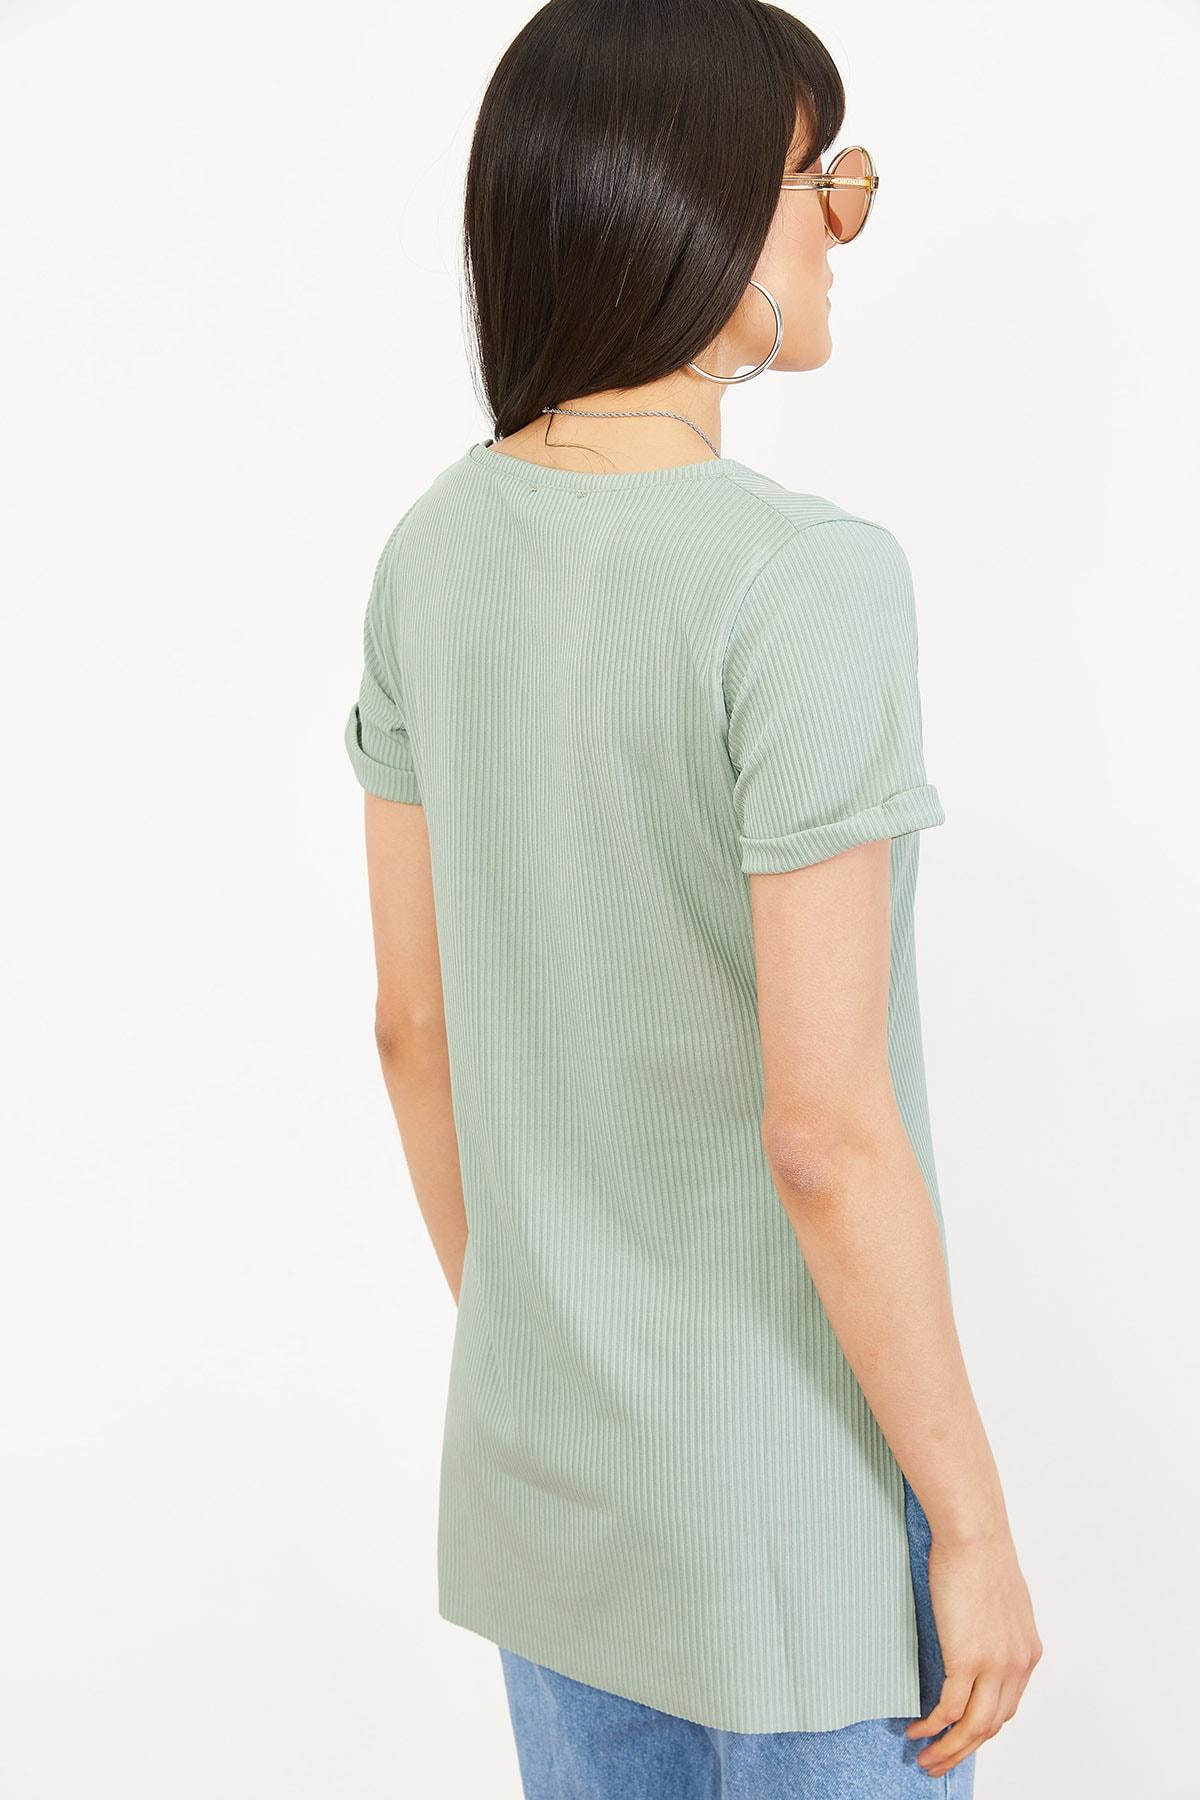 Bianco Lucci Kadın Mint Yeşili Kol Yan Yırtmaçlı Kol Detay Kaşkorse T-Shirt 10051012 1